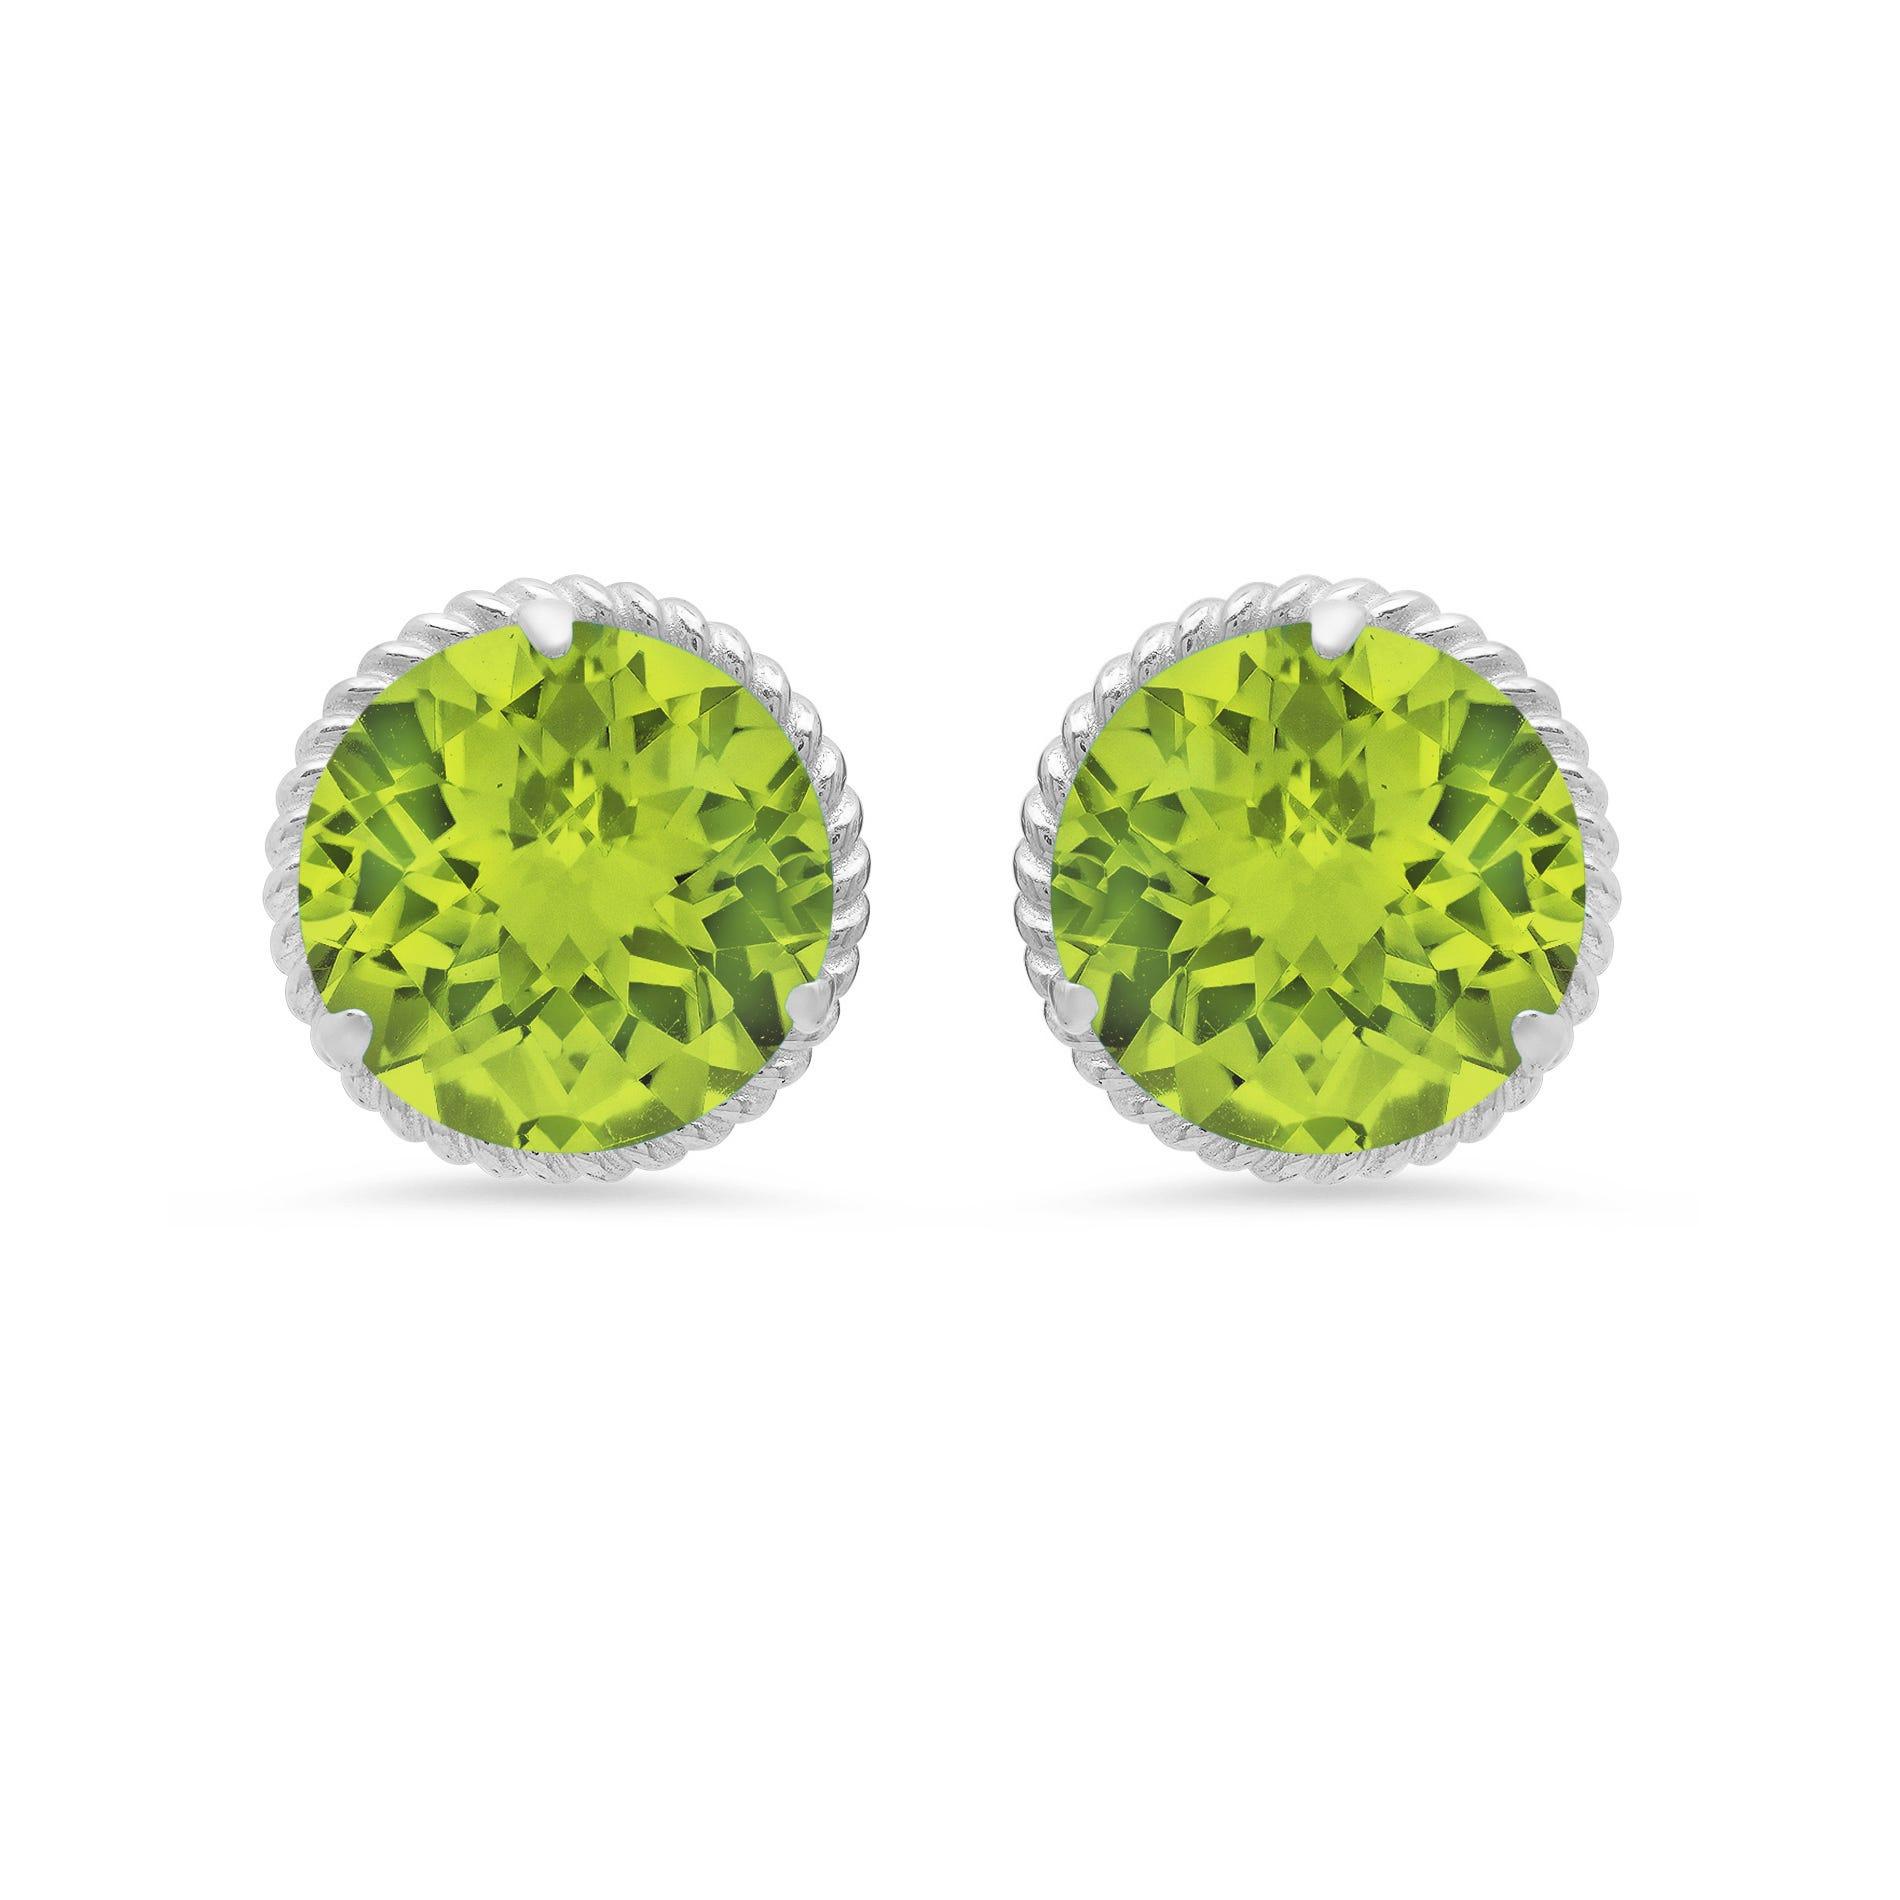 Peridot Roped Halo Stud Earrings in 14k White Gold